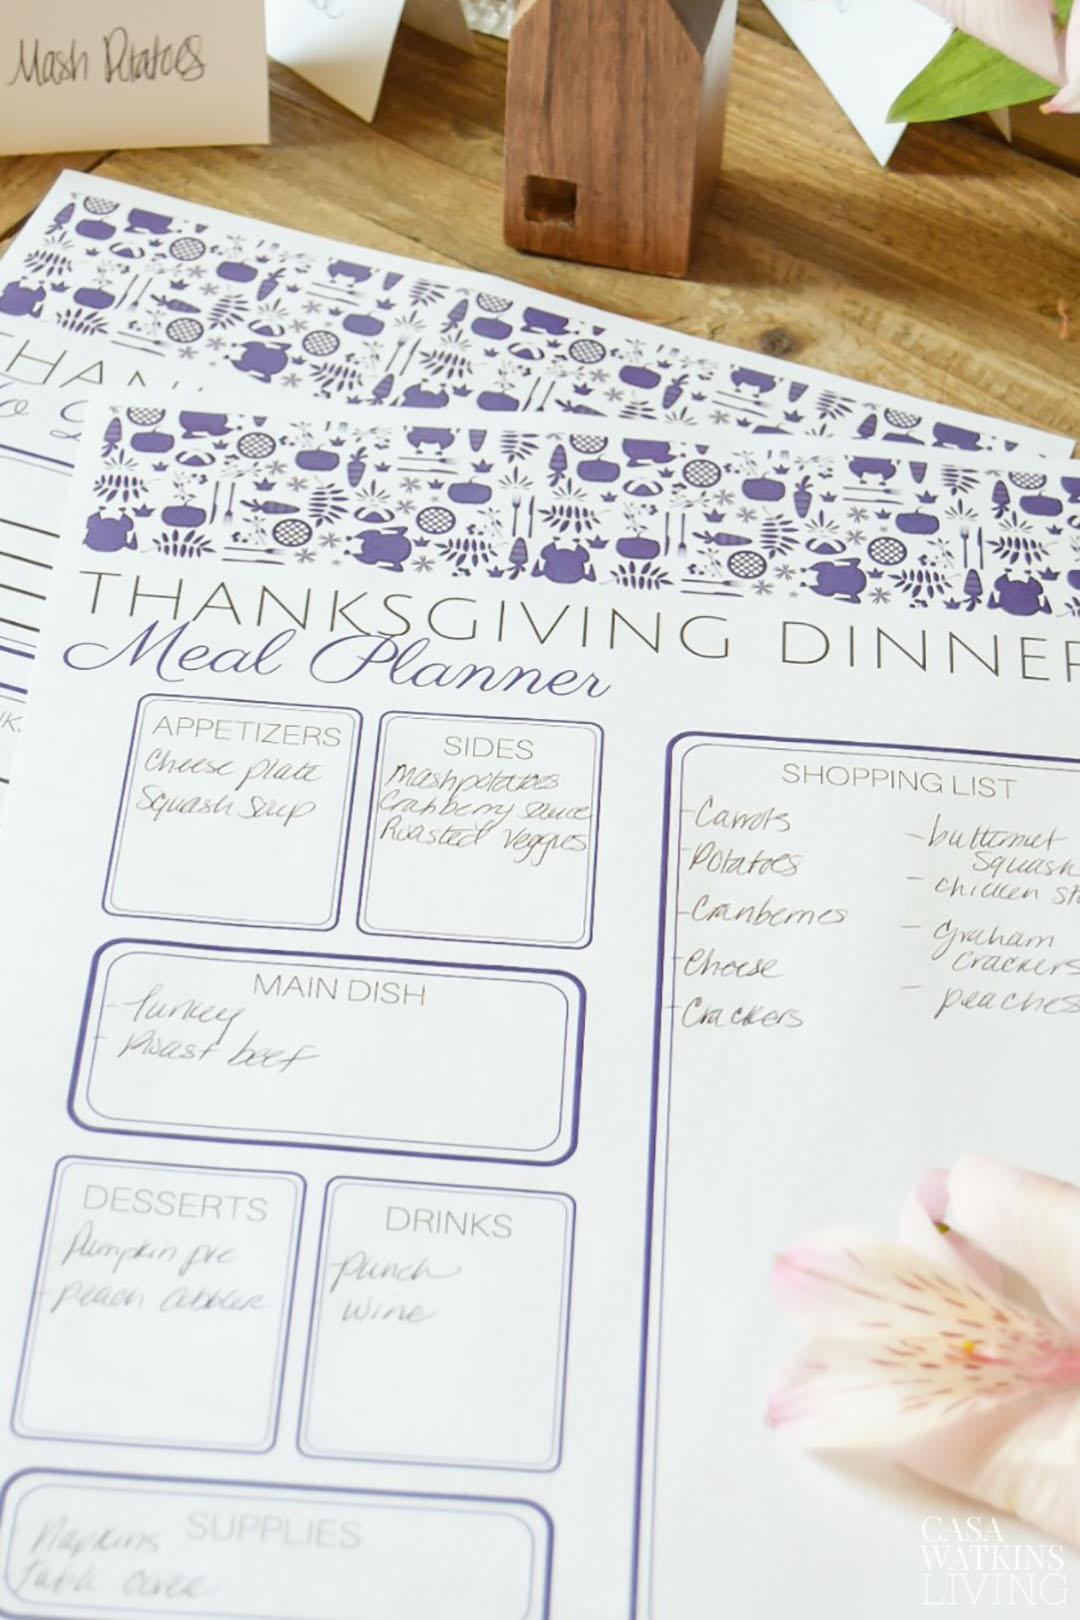 image regarding Thanksgiving Menu Planner Printable titled Otomi Thanksgiving Menu Planner Printable - Casa Watkins Dwelling